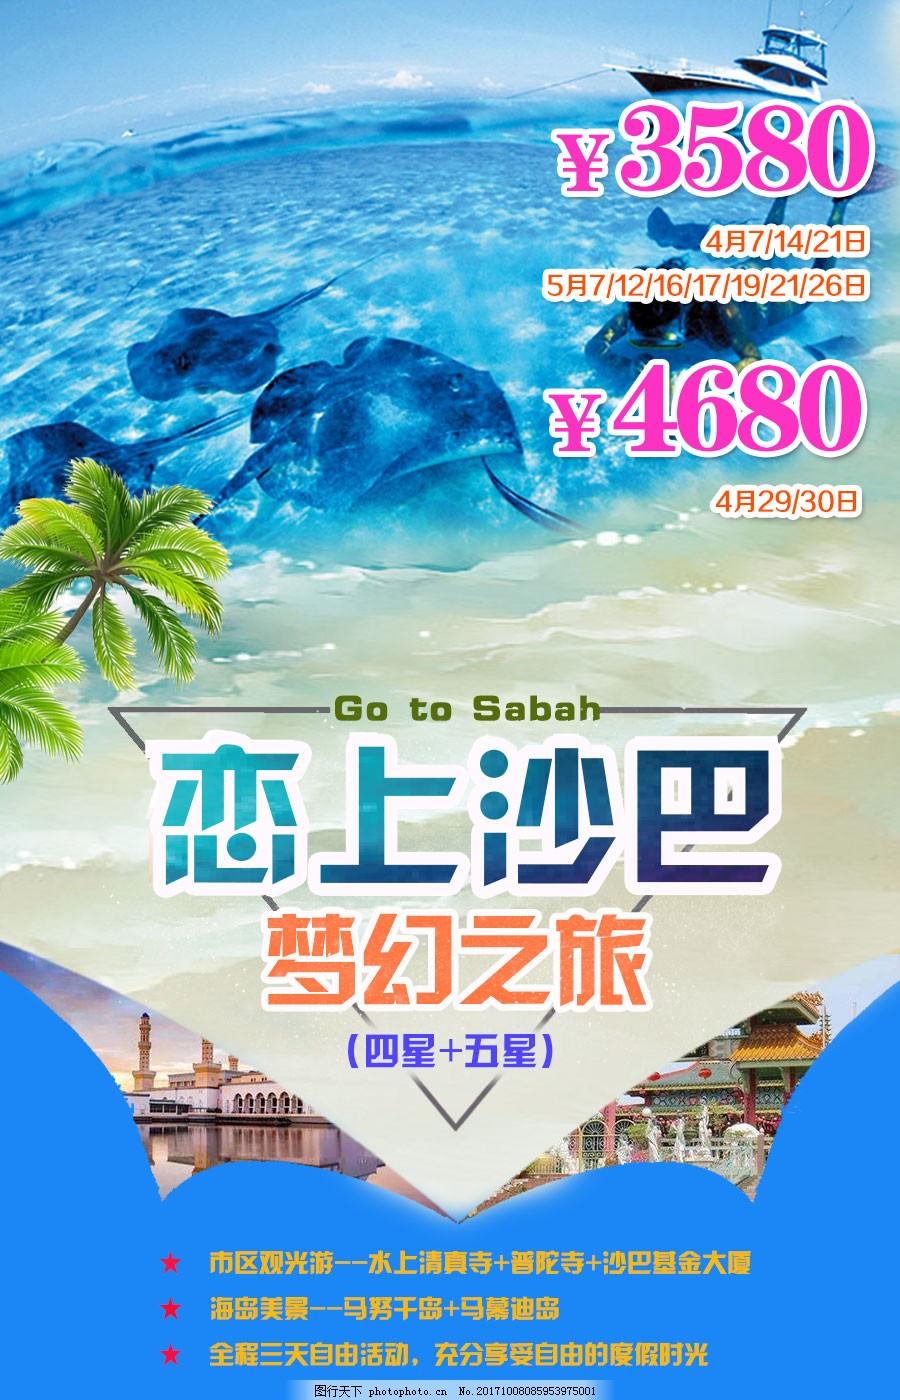 梦幻之旅宣传海报 沙巴 海岛 广告 旅游 仙本那 唯美